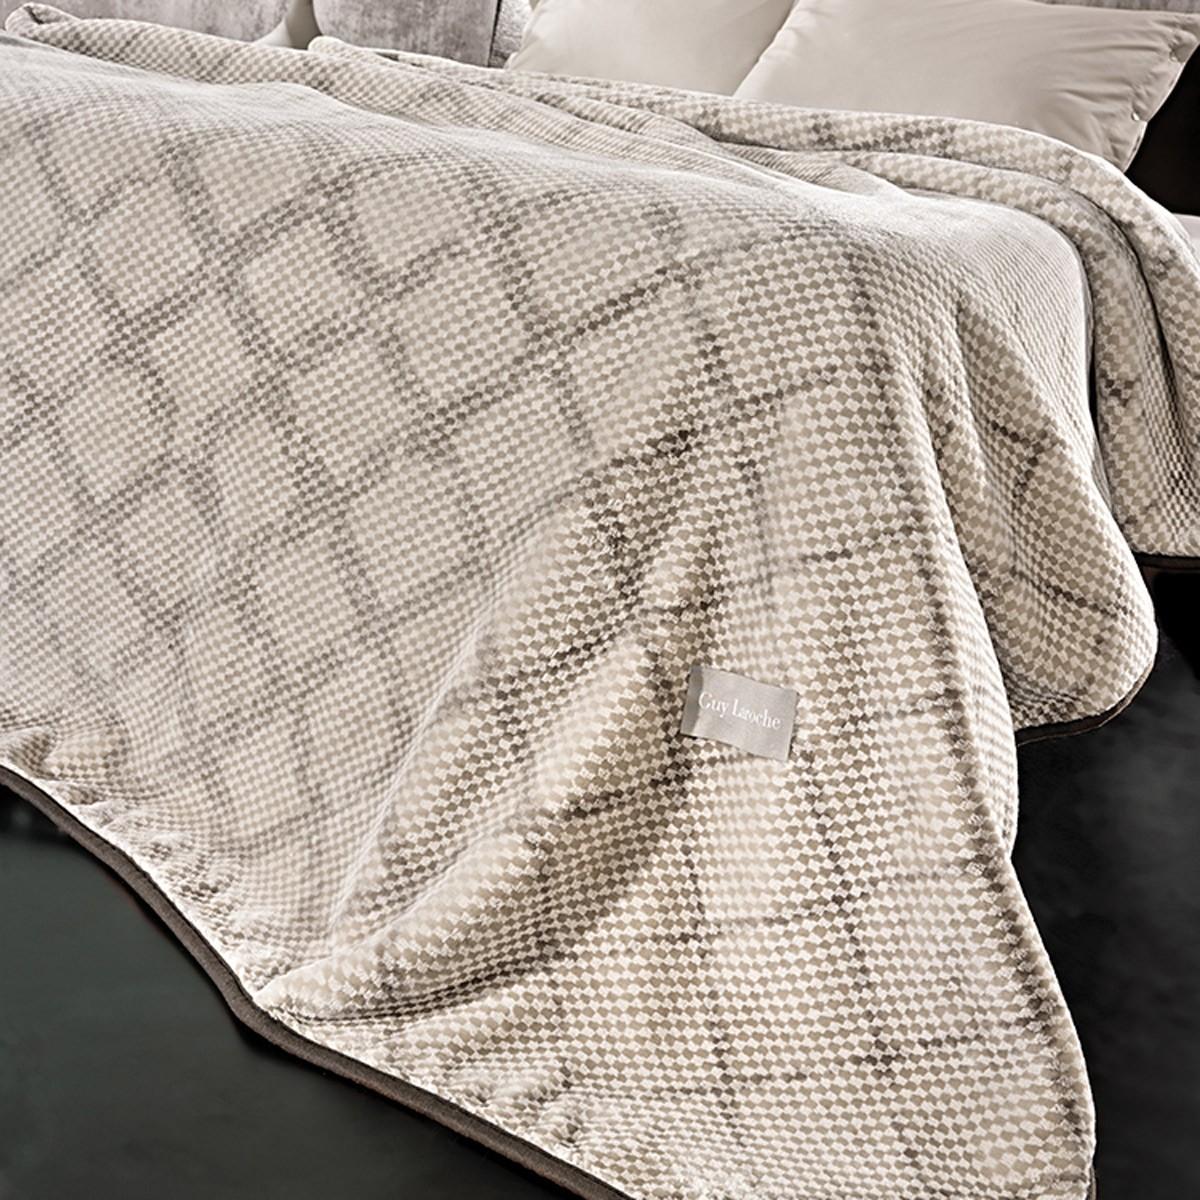 Κουβέρτα Βελουτέ Υπέρδιπλη Guy Laroche Maroon Silver